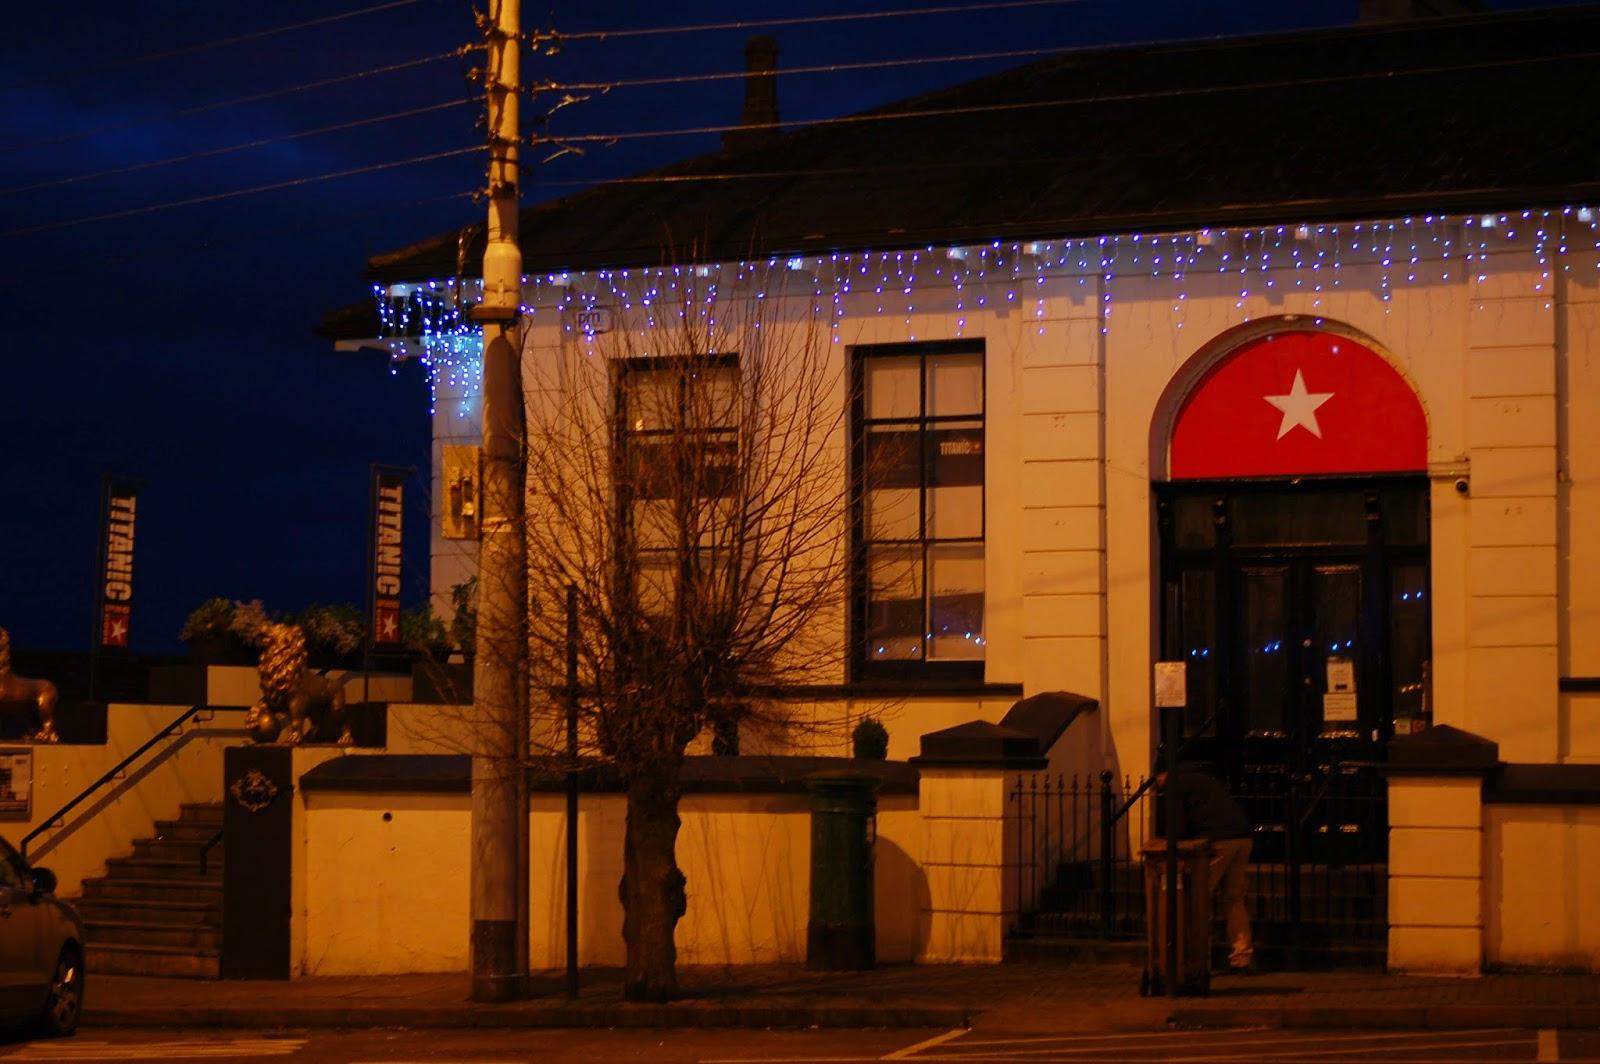 cobh no condado de cork, irlanda